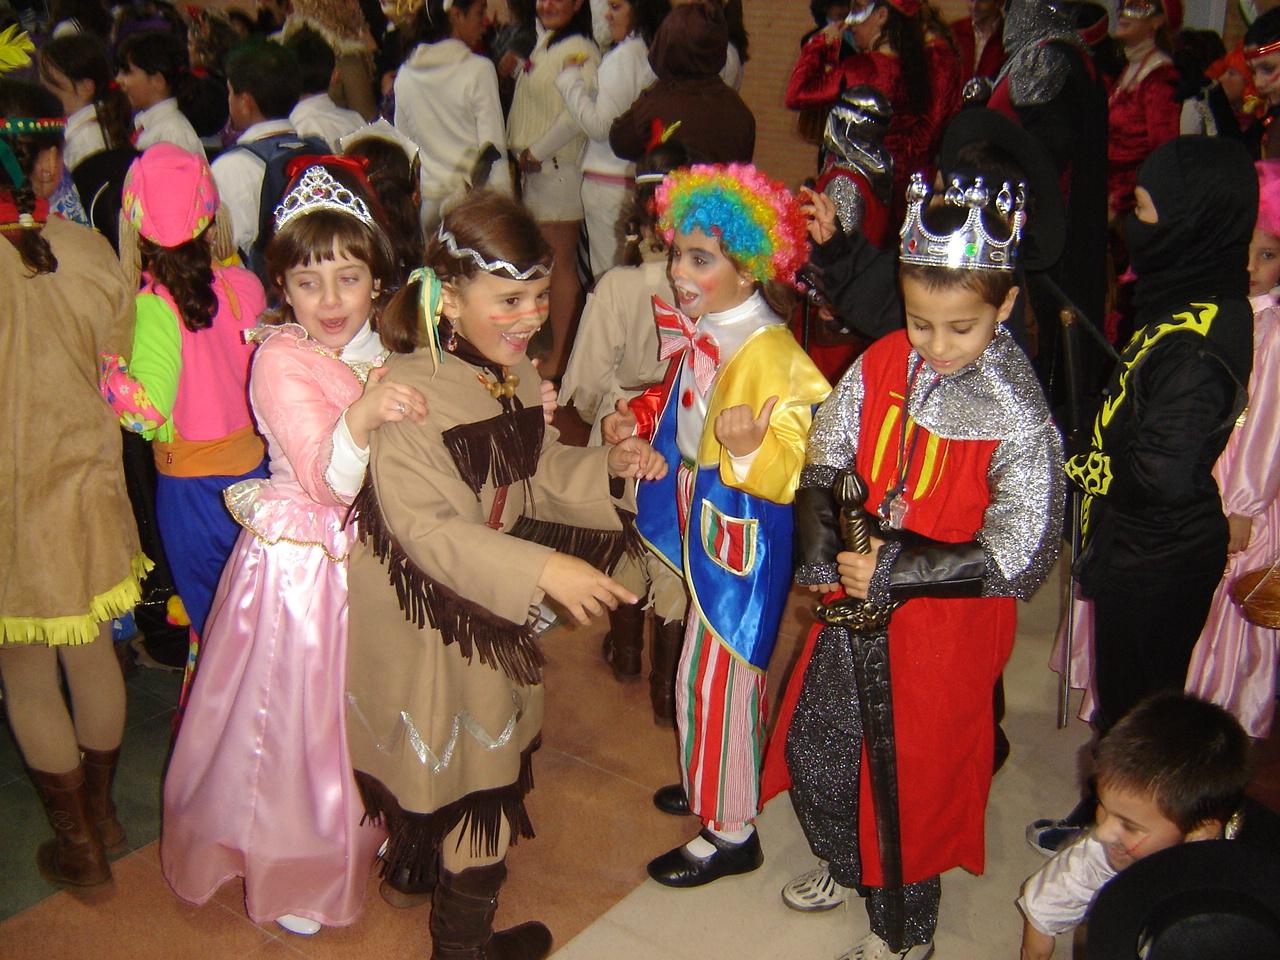 Los actos festivos con motivo del carnaval se celebrarán los días 17 y 18 de febrero